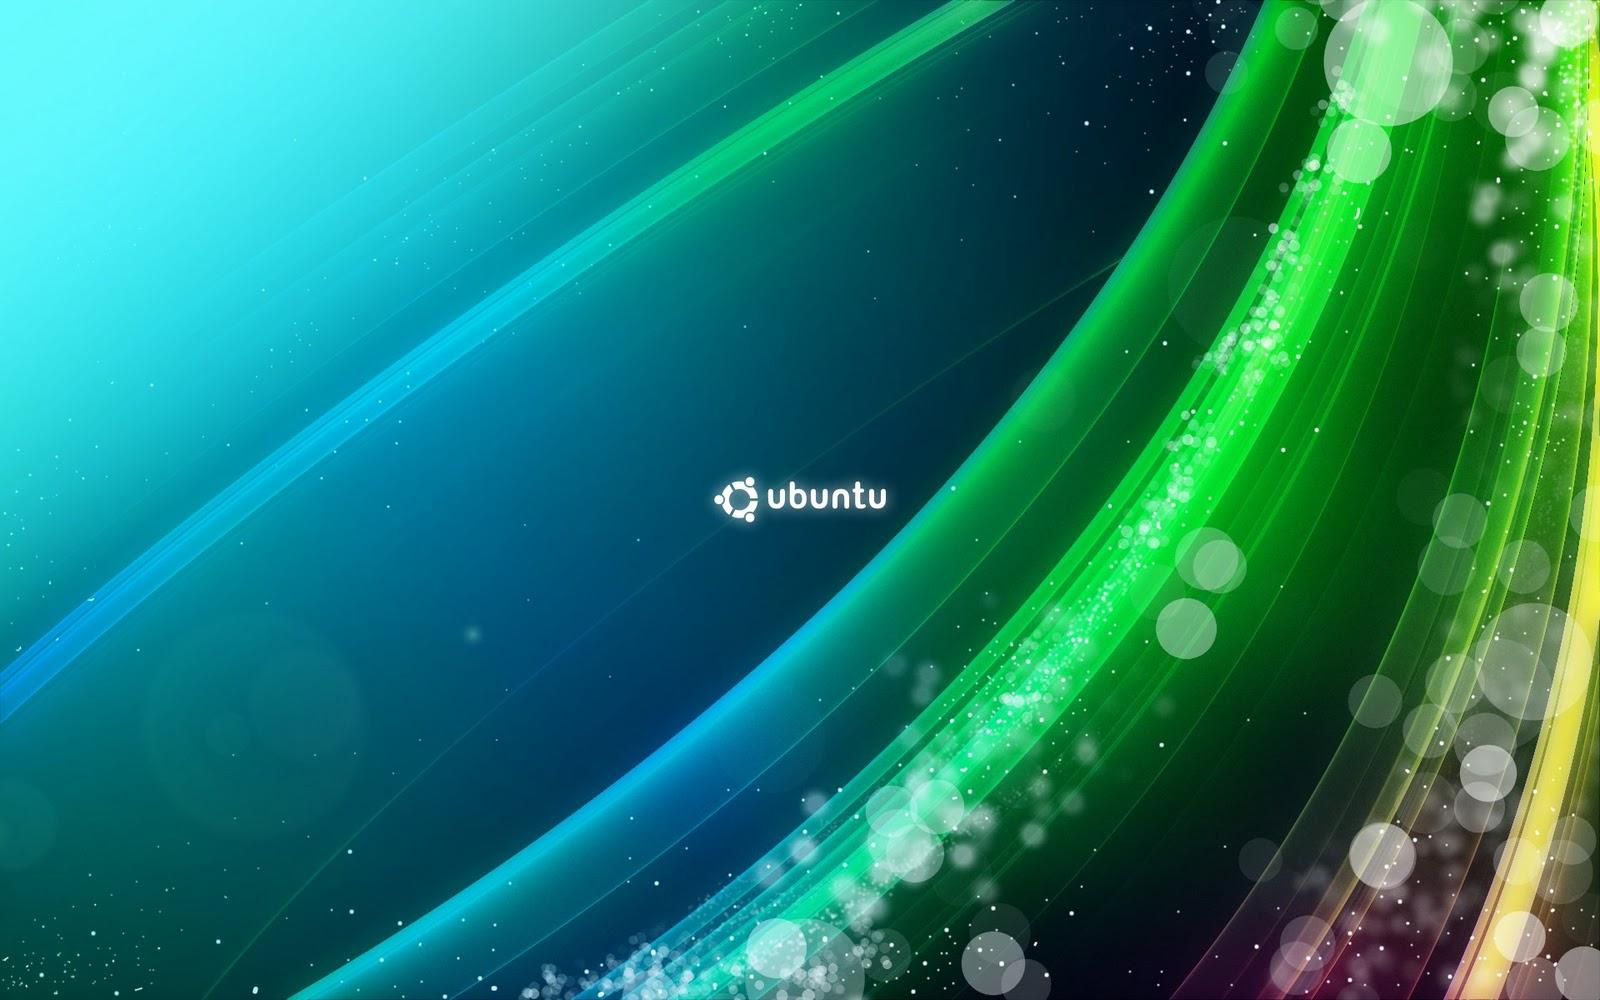 http://2.bp.blogspot.com/-O8aadivfUUs/T13p0tVIsBI/AAAAAAAAYfs/cZ5DfSTHYMA/s1600/Windows%2B7%2Band%2BUbuntu%2B(1).jpg